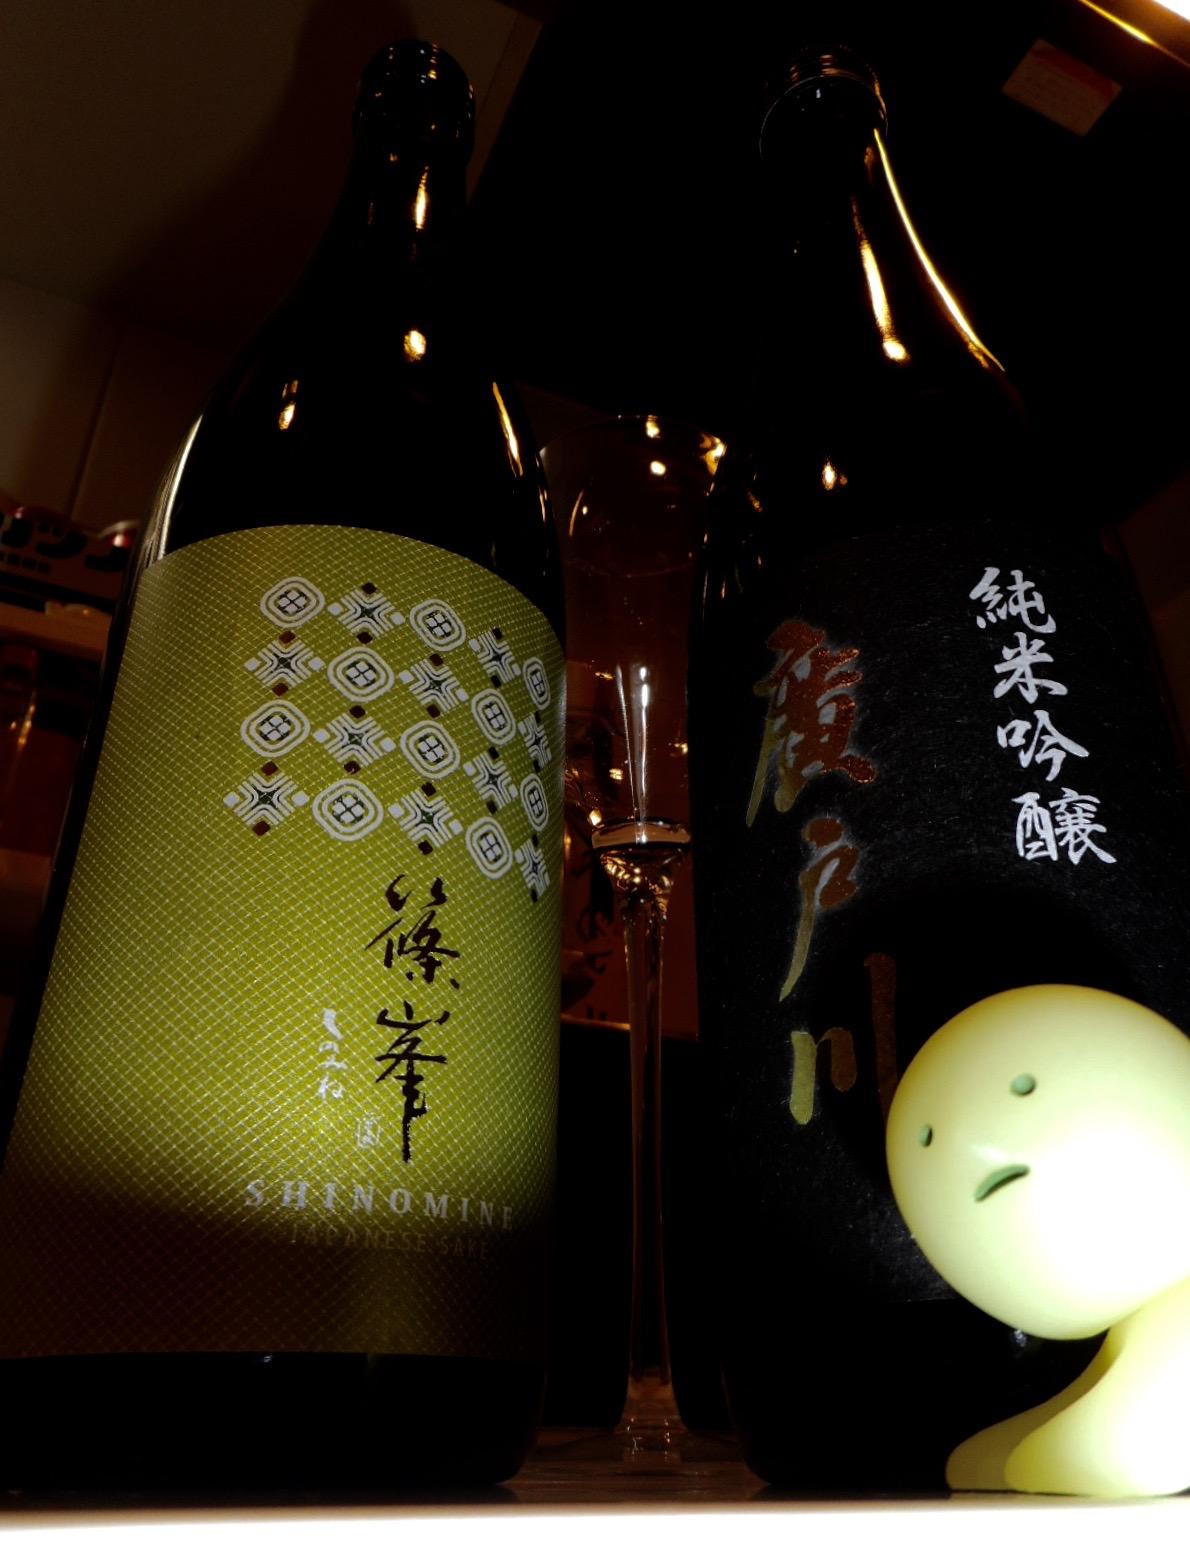 shinomine_vert_nama28by10.jpg